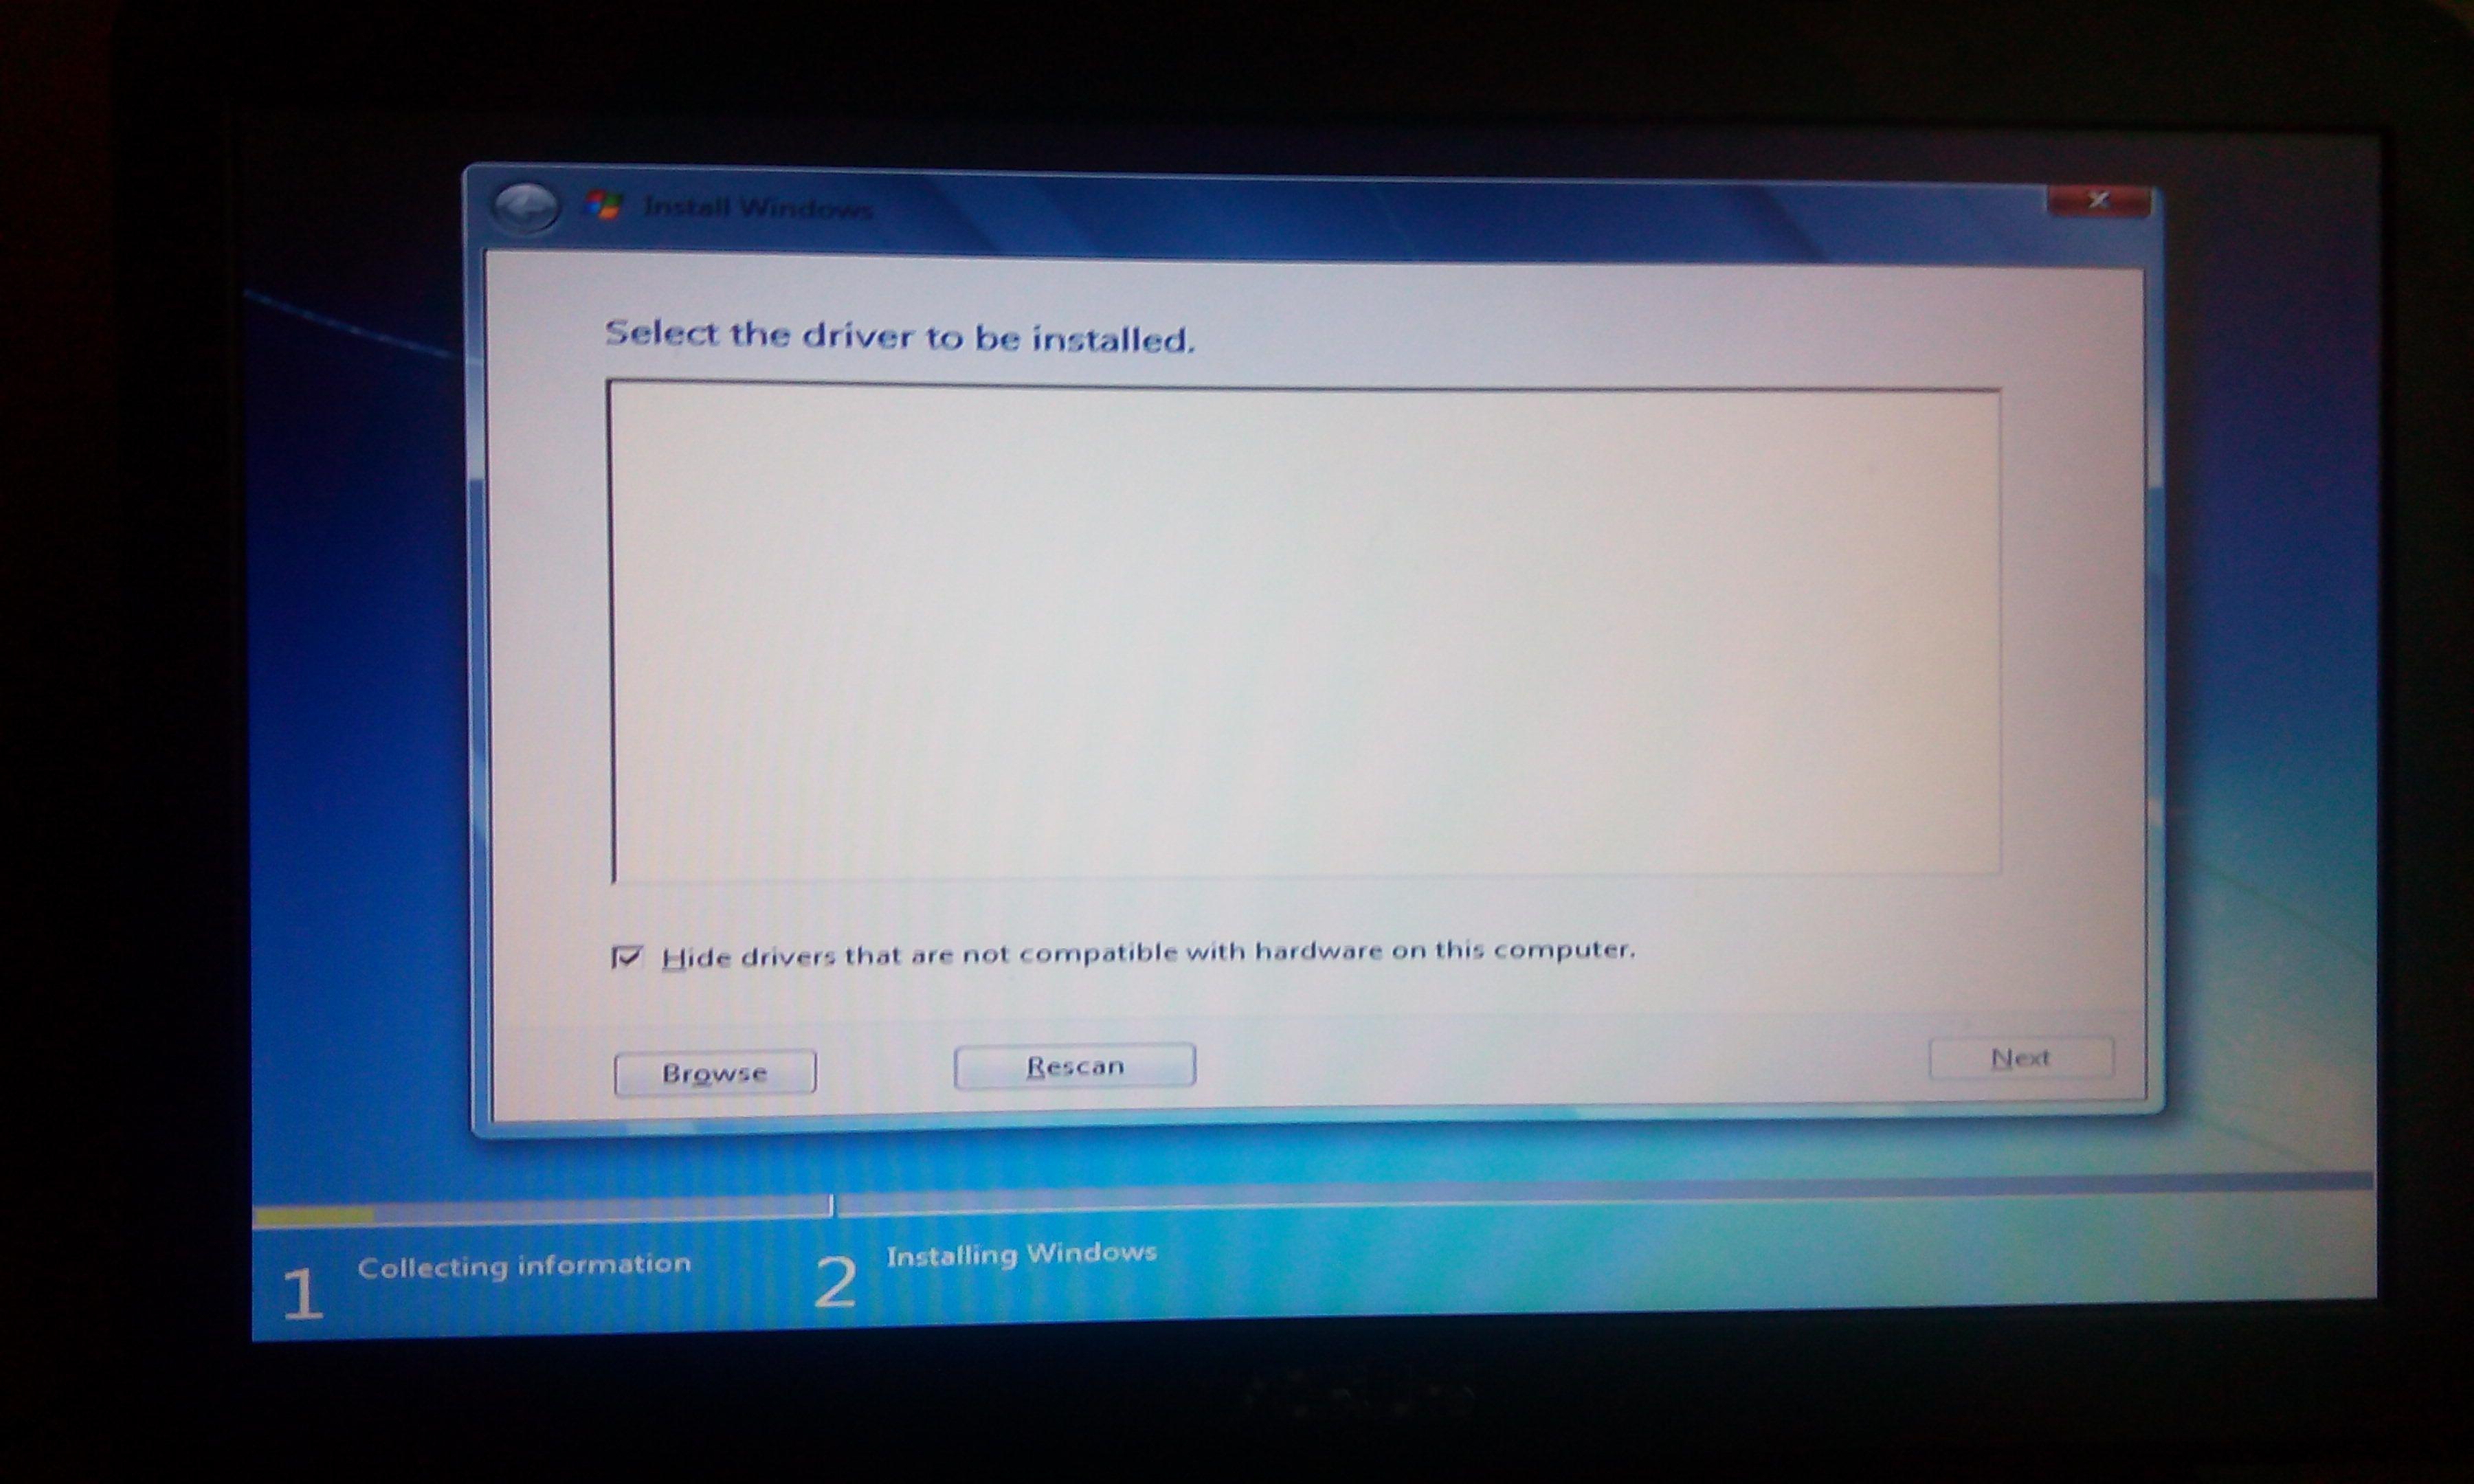 Bilgisayar bir flash sürücü görmüyor